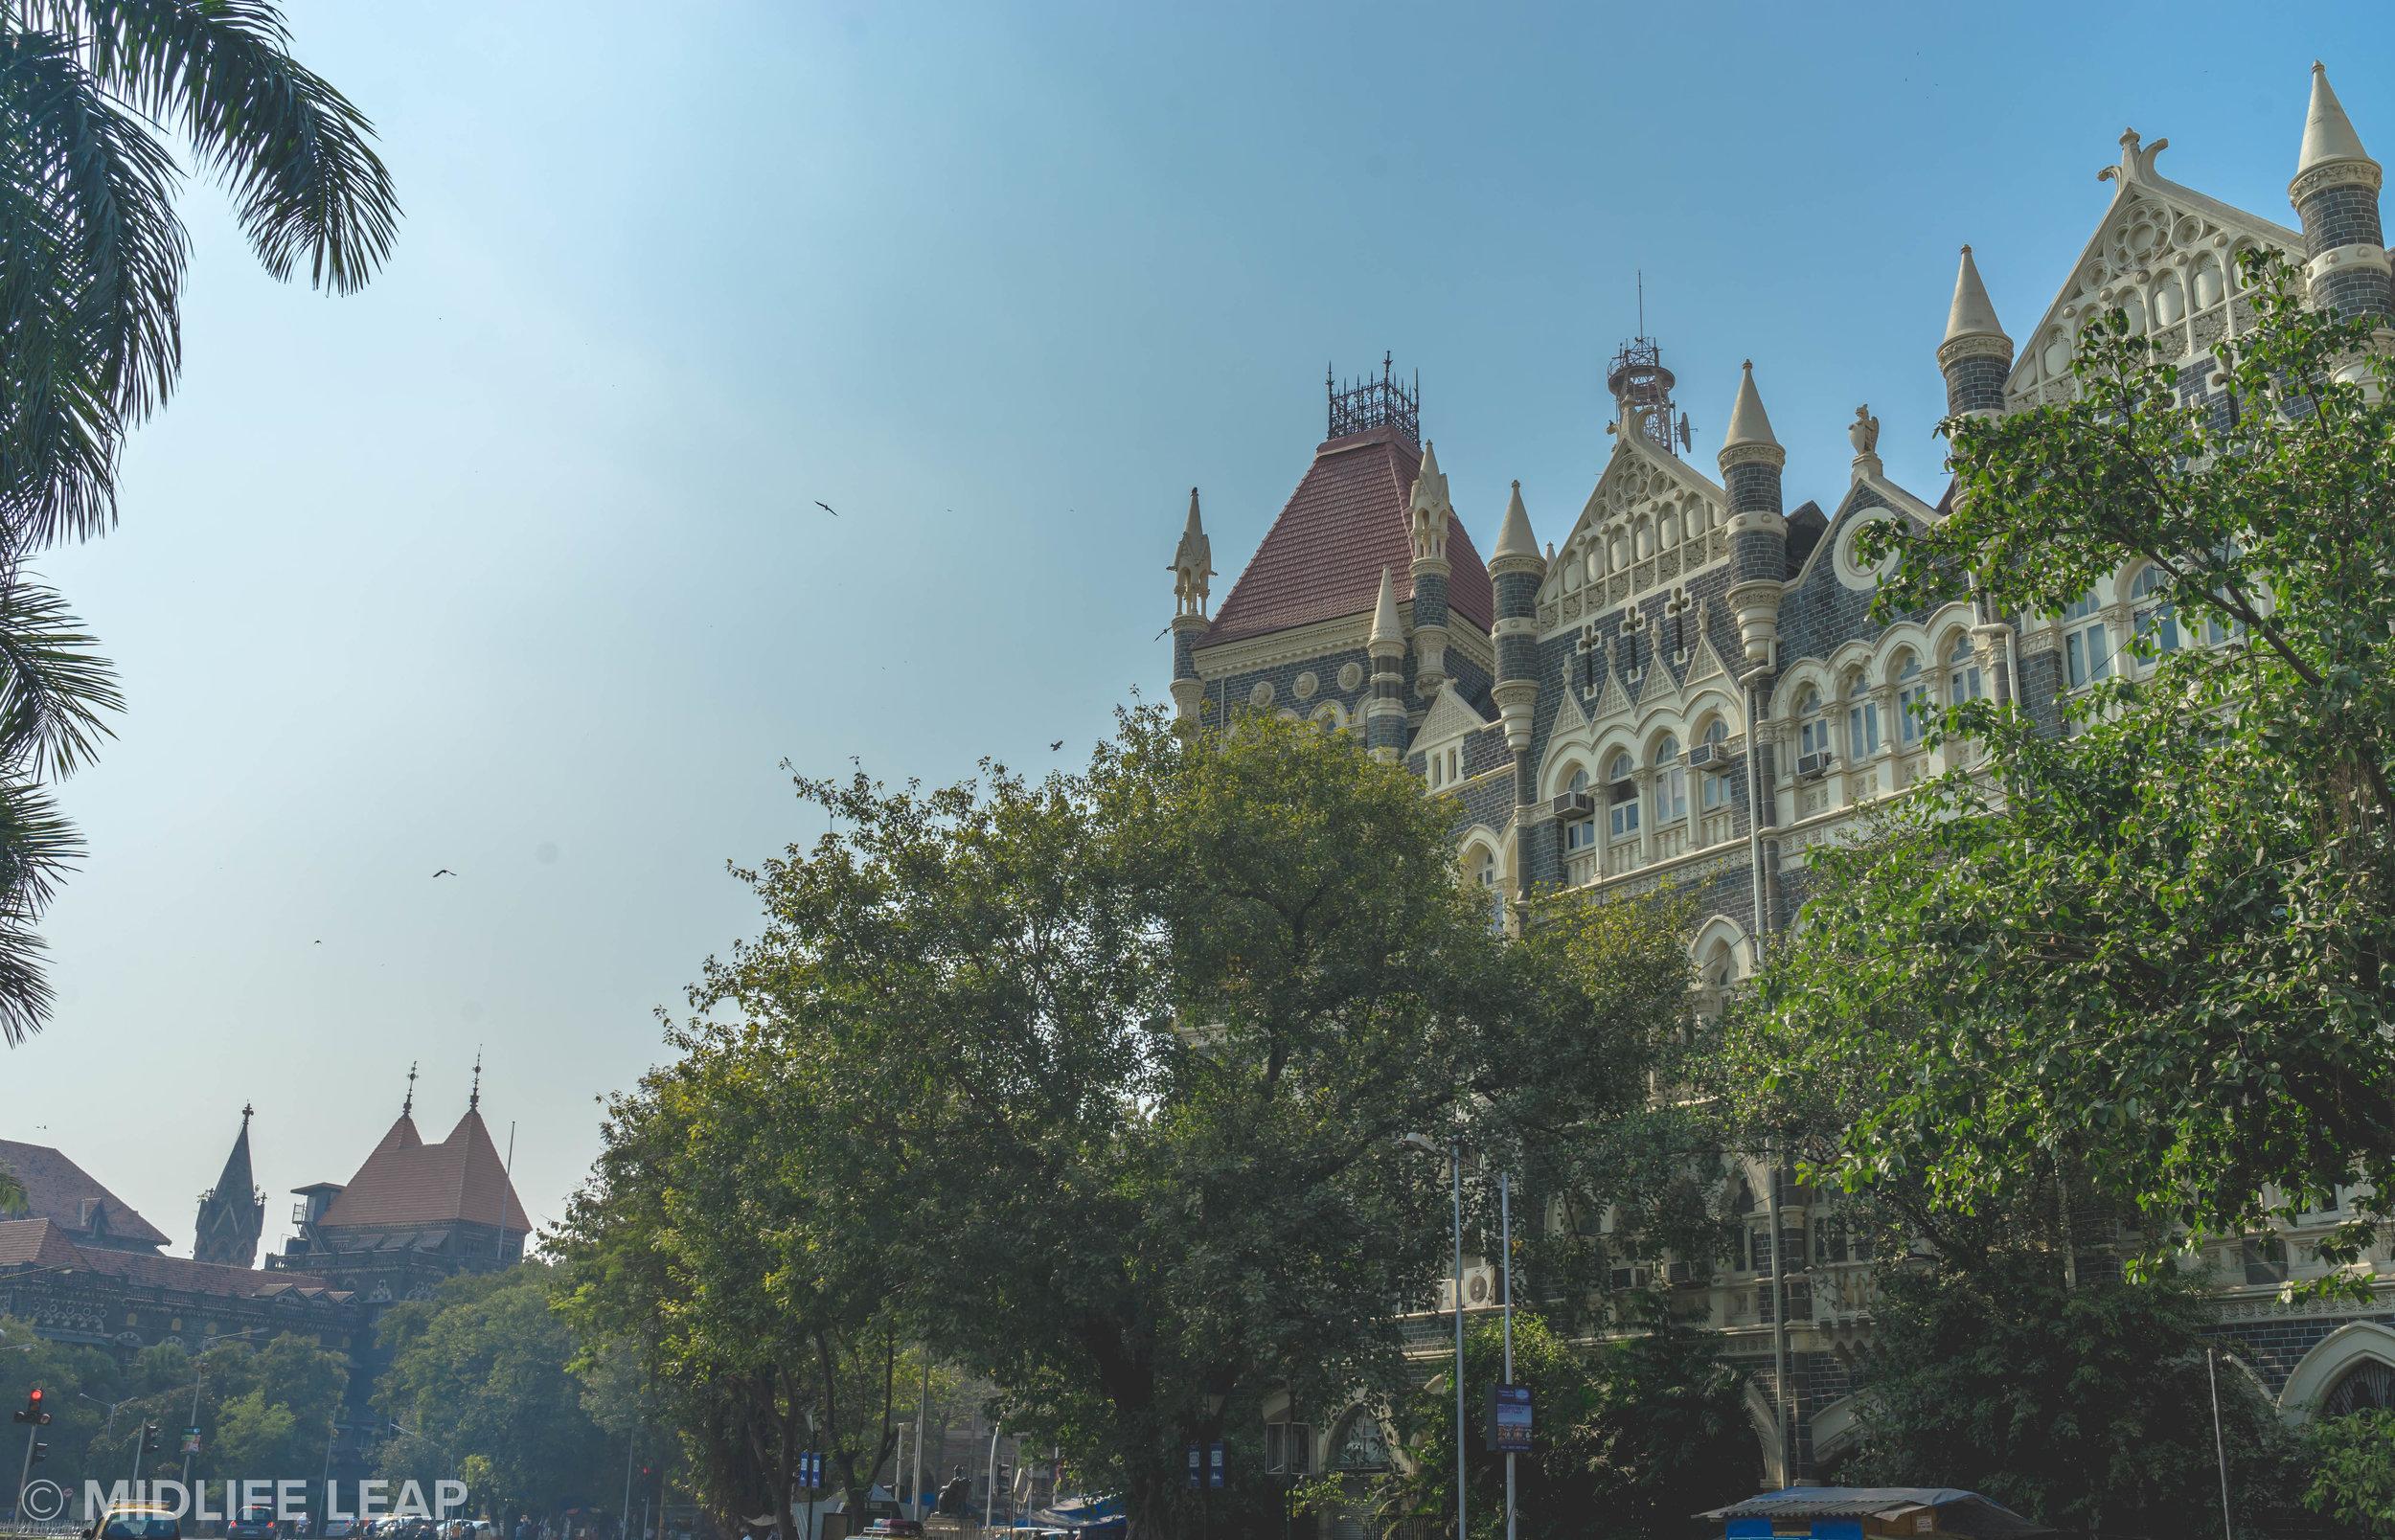 university-of-mumbai-bombay-india